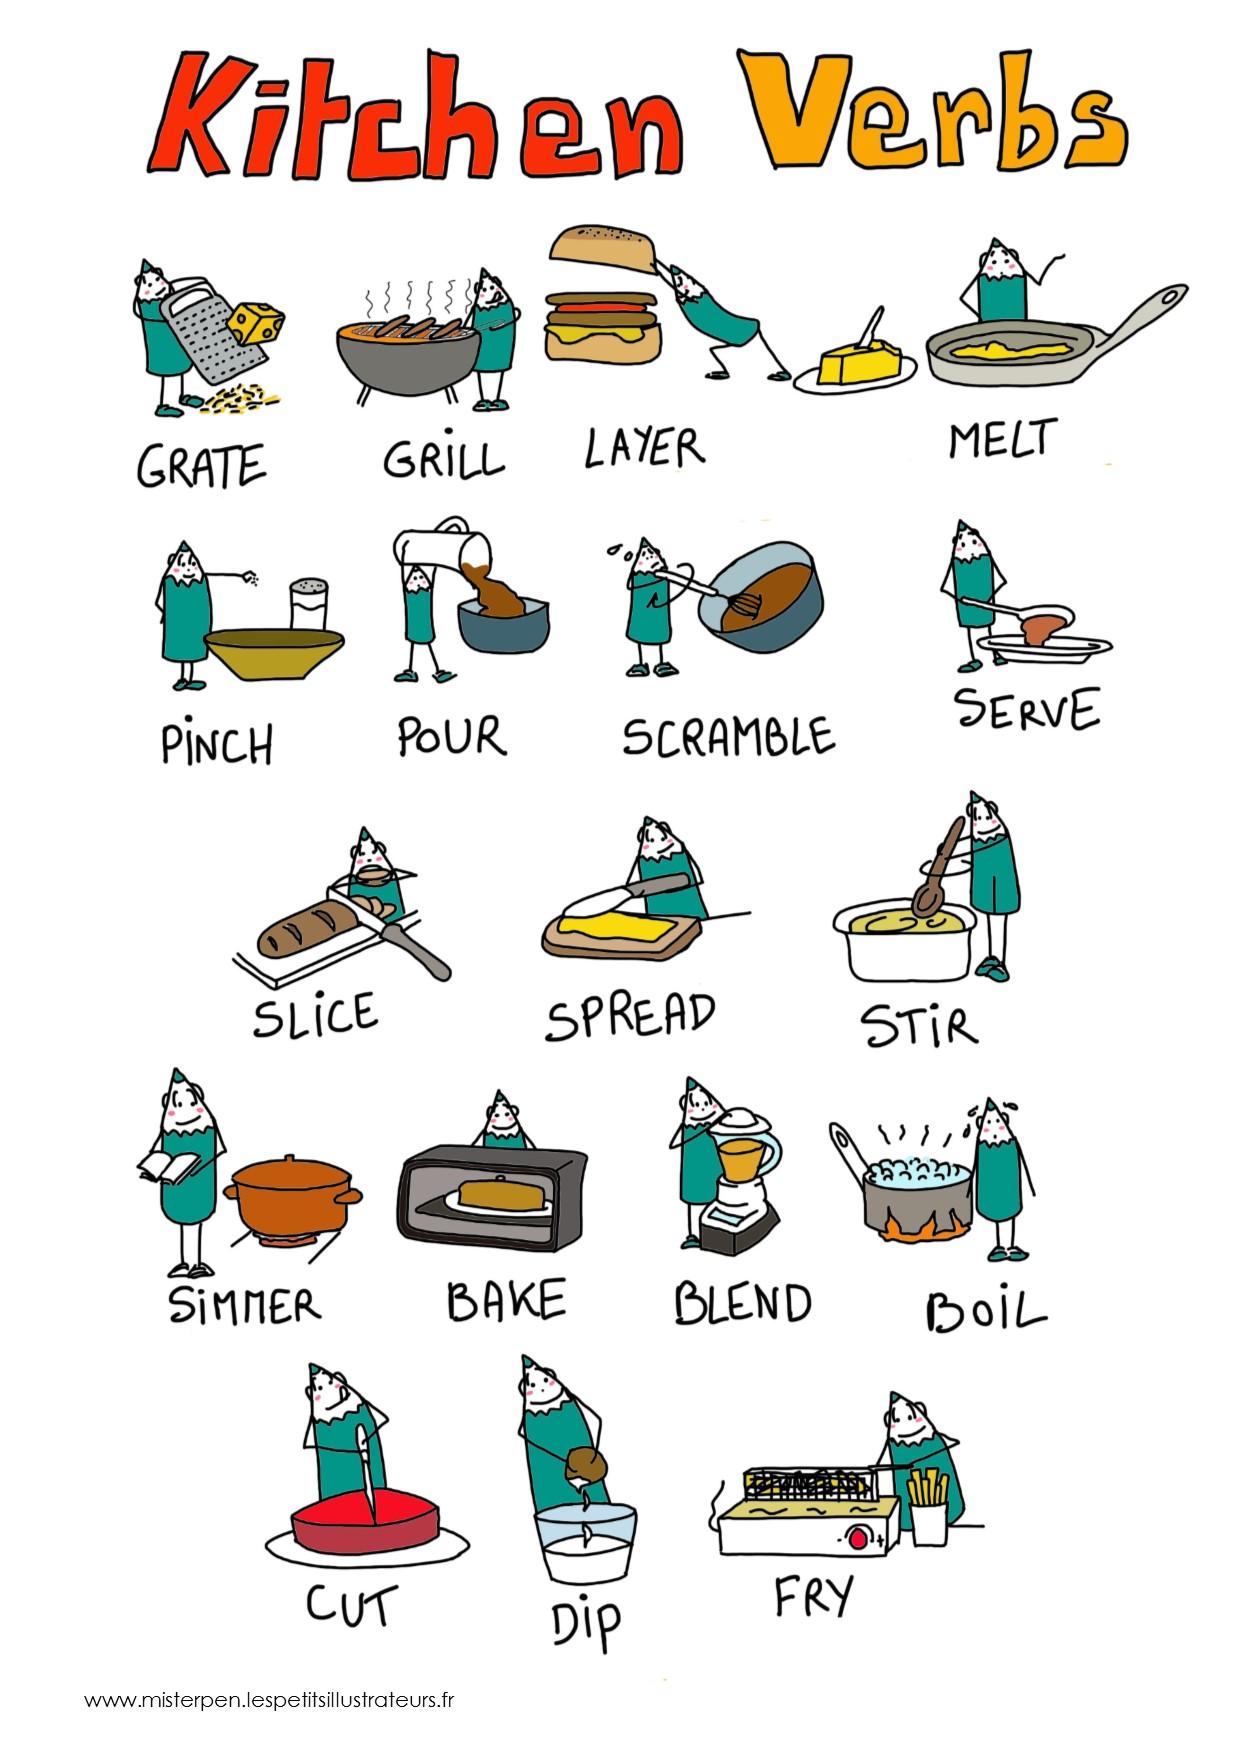 les ustensiles de cuisine les ustensiles de cuisine anglais pinterest anglais vocabulaire. Black Bedroom Furniture Sets. Home Design Ideas